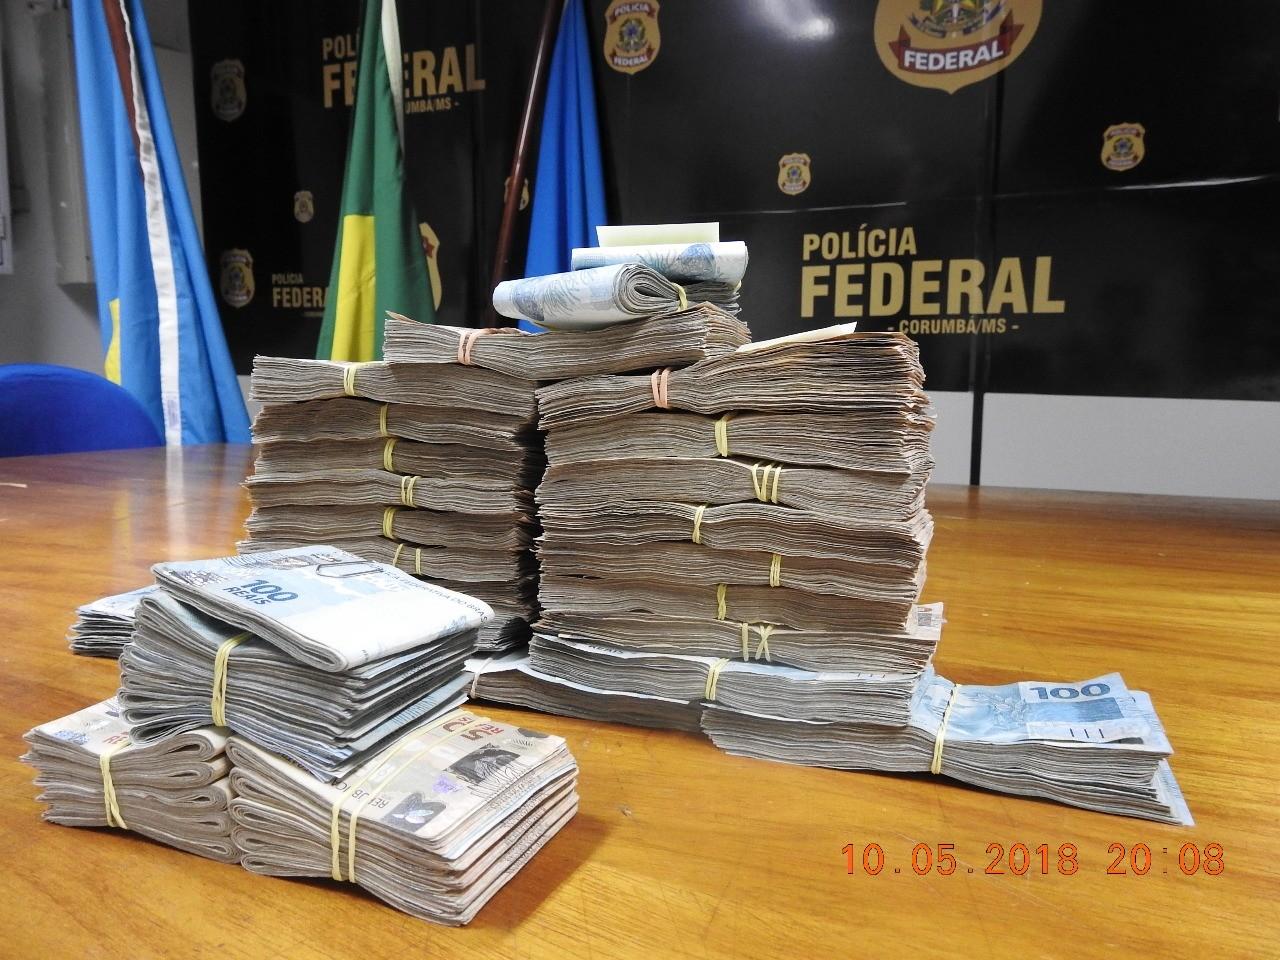 Justiça ouve por videoconferência casal flagrado tentando sair do país com R$ 20 mil e cartões em MS